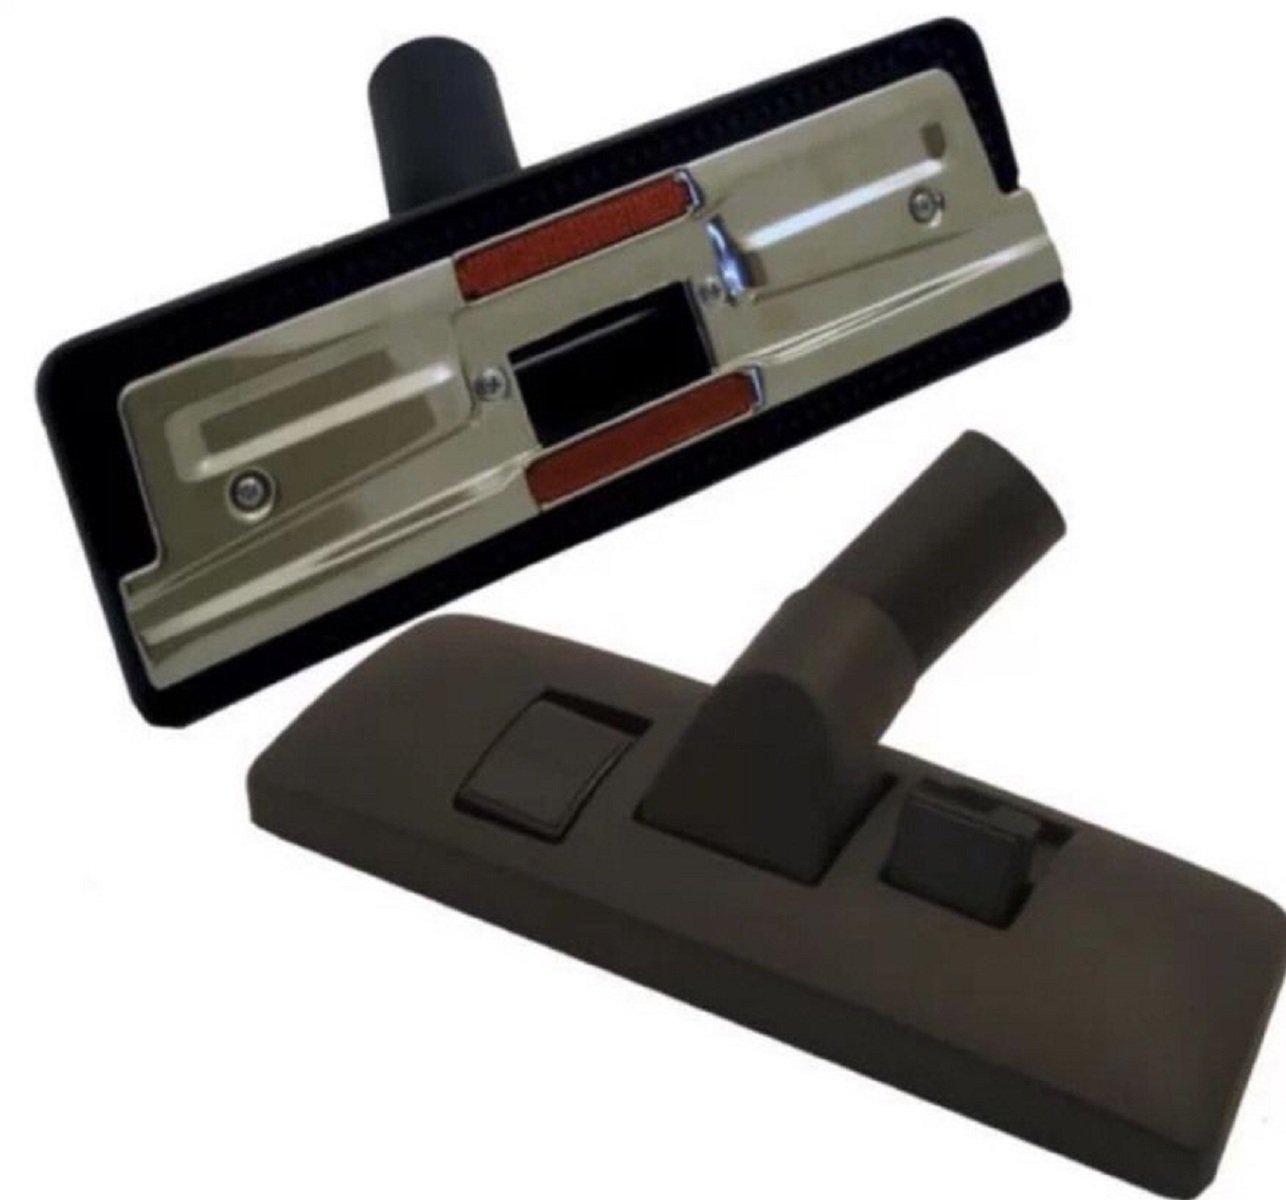 Noir 32/mm Henry Electrolux Vax T/ête de brosse Outil de sol pour aspirateur Numatic Henry Mct9/NEUF